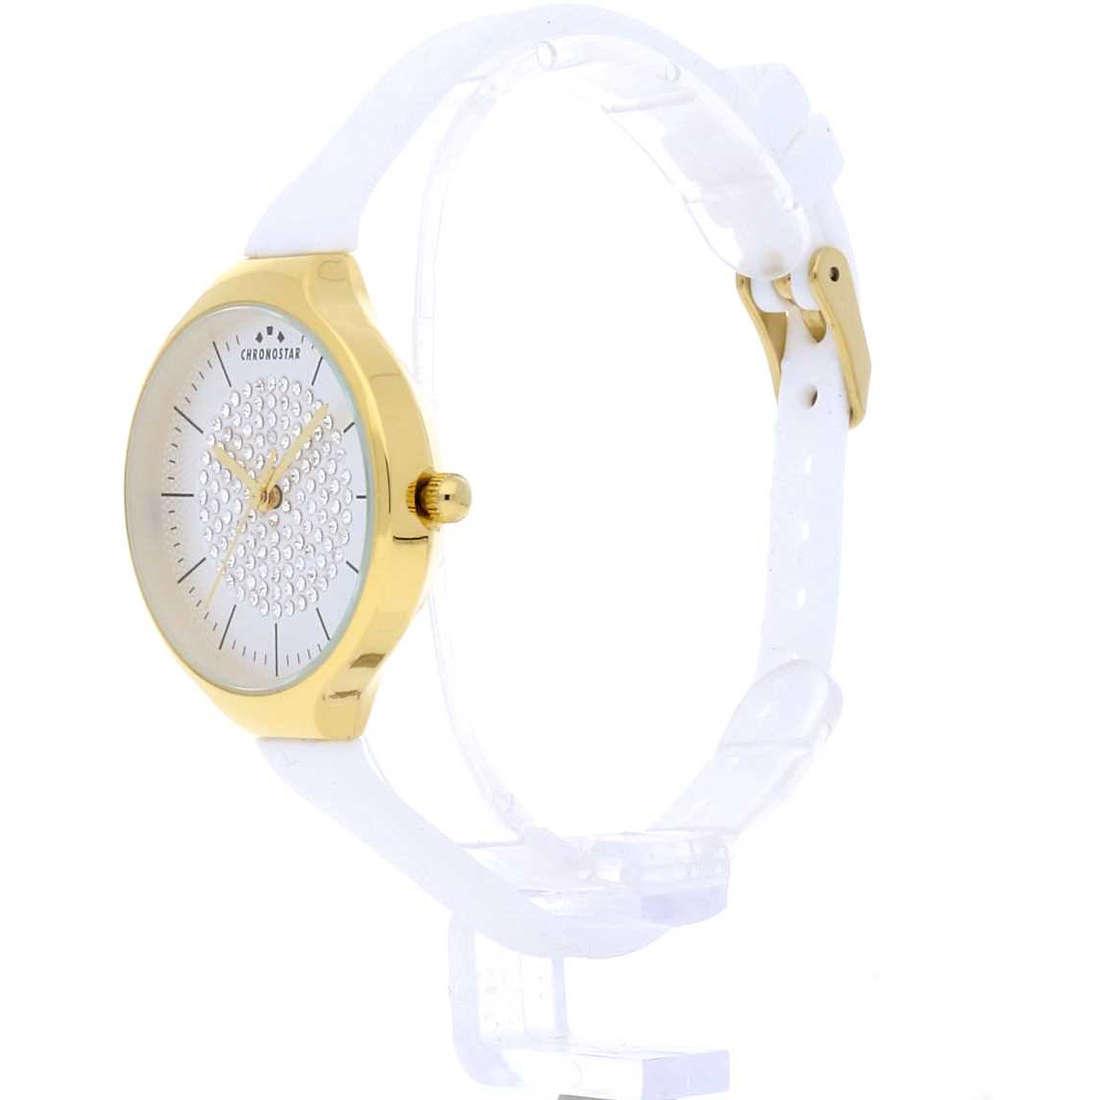 vendita montres femme Chronostar R3751248510